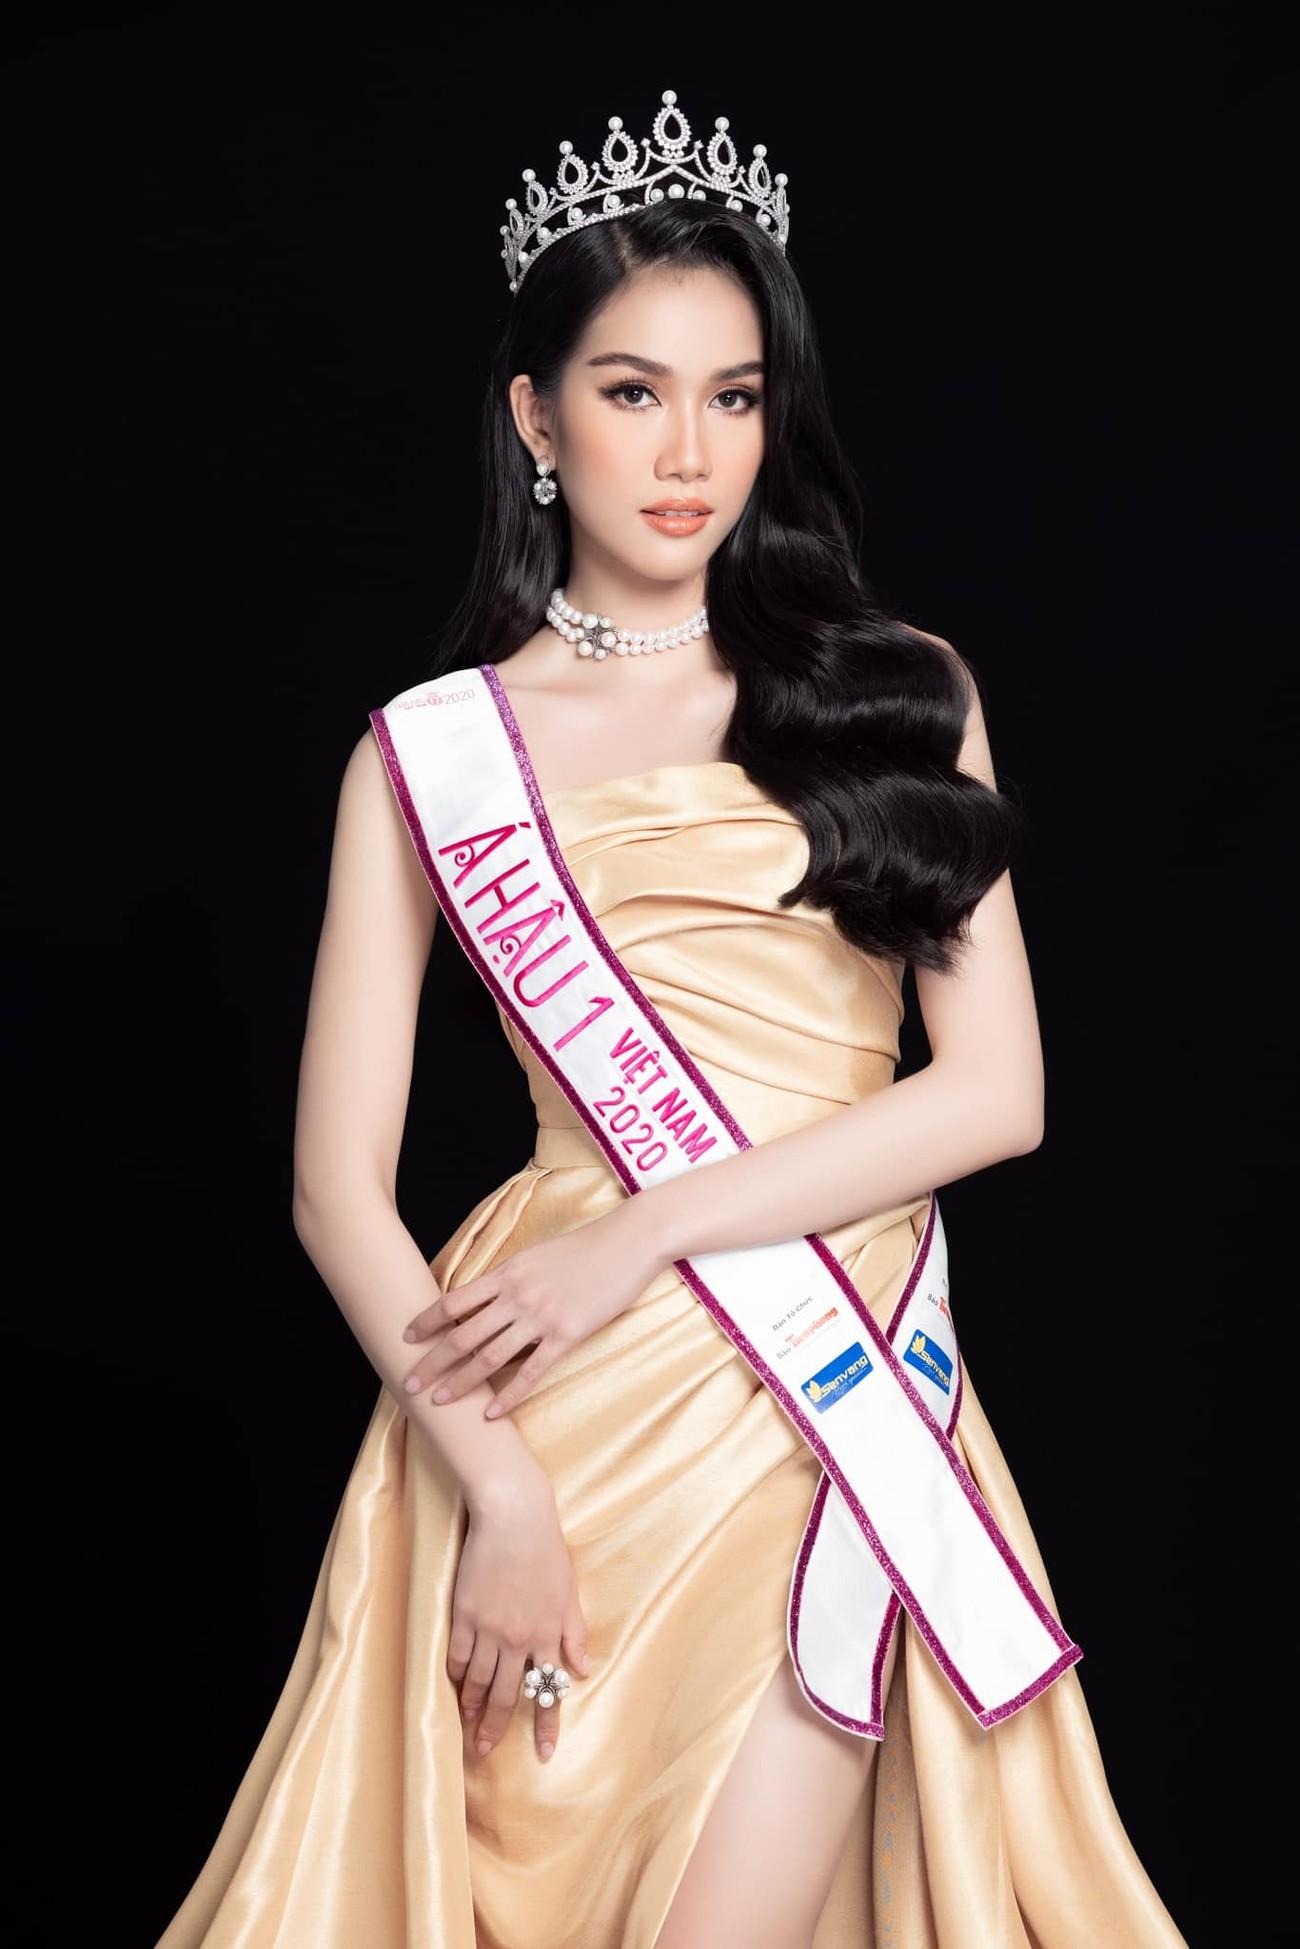 Gu thời trang 'thăng hạng' đầy gợi cảm của Á hậu Phương Anh sau 1 tháng nhận danh hiệu ảnh 2